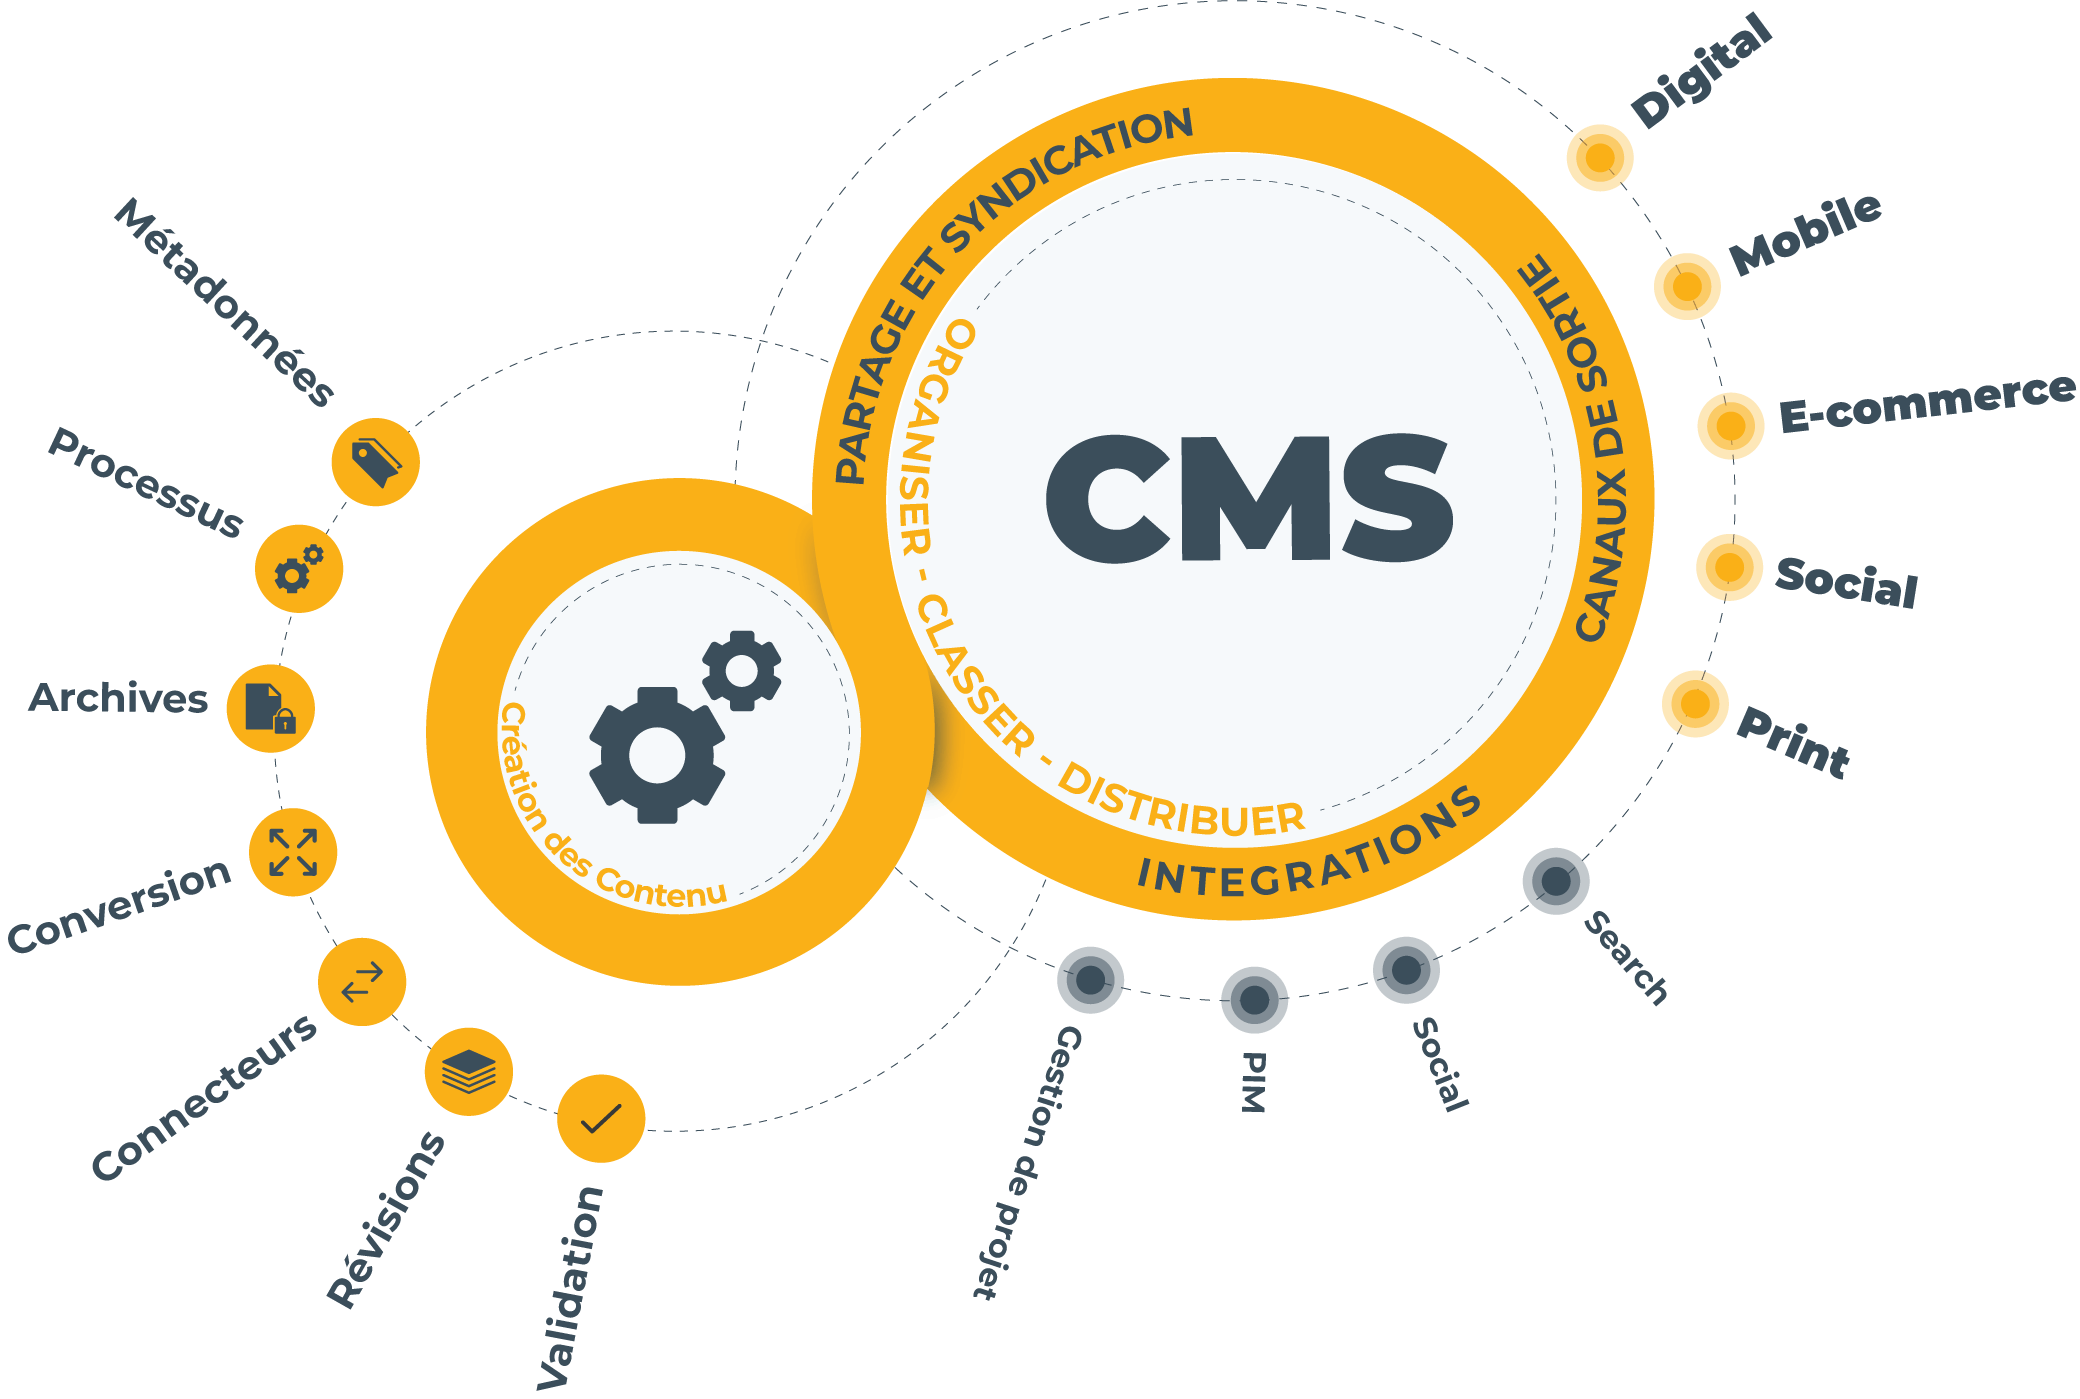 Le CMS permet de concevoir, gérer et mettre à jour des sites web ou applications mobiles, de manière dynamique